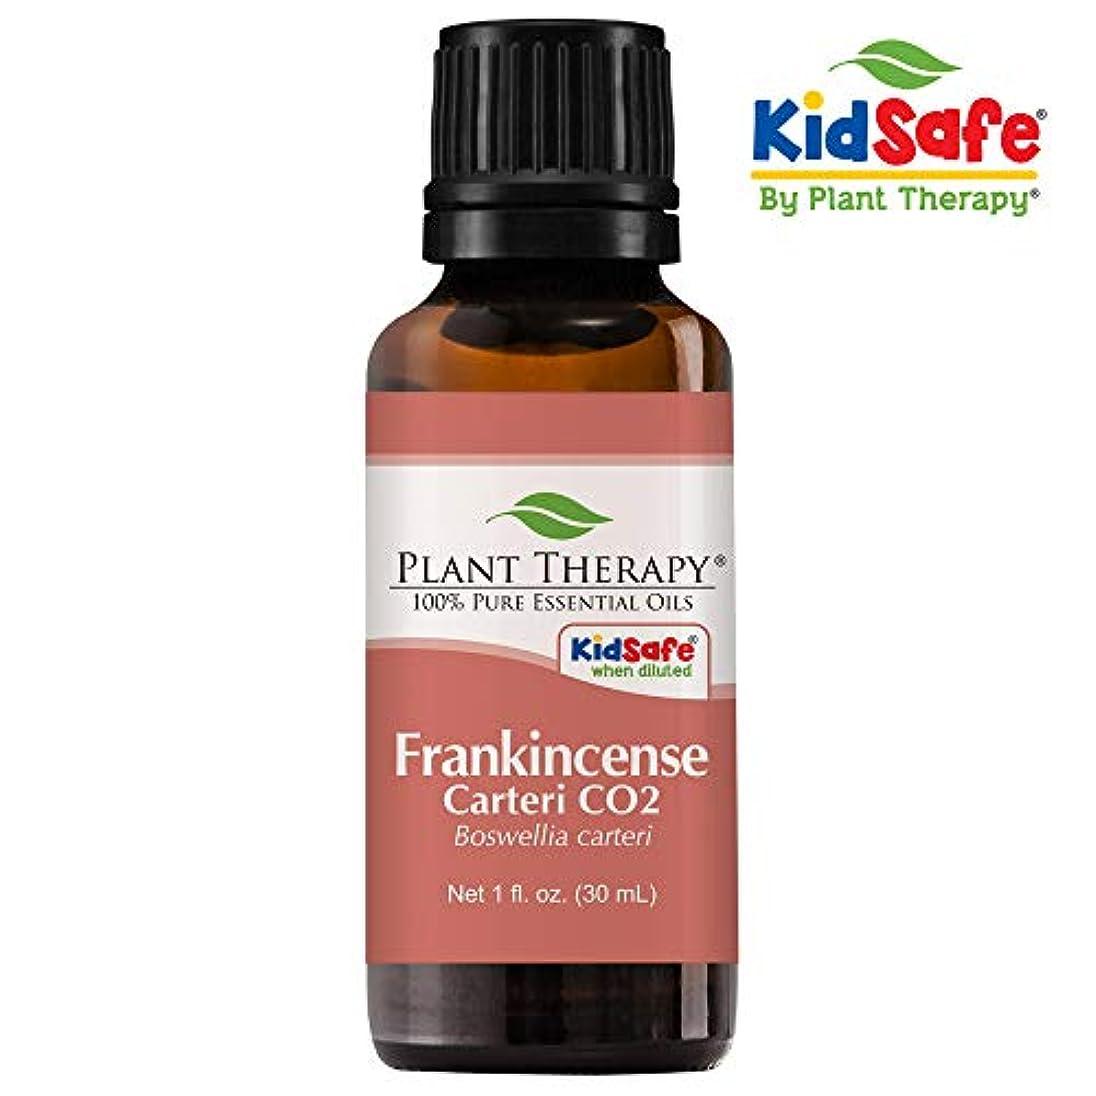 老人瞬時にめったにフランキンセンスCarteri CO2 30 mLのエッセンシャルオイル100%ピュア、治療グレード